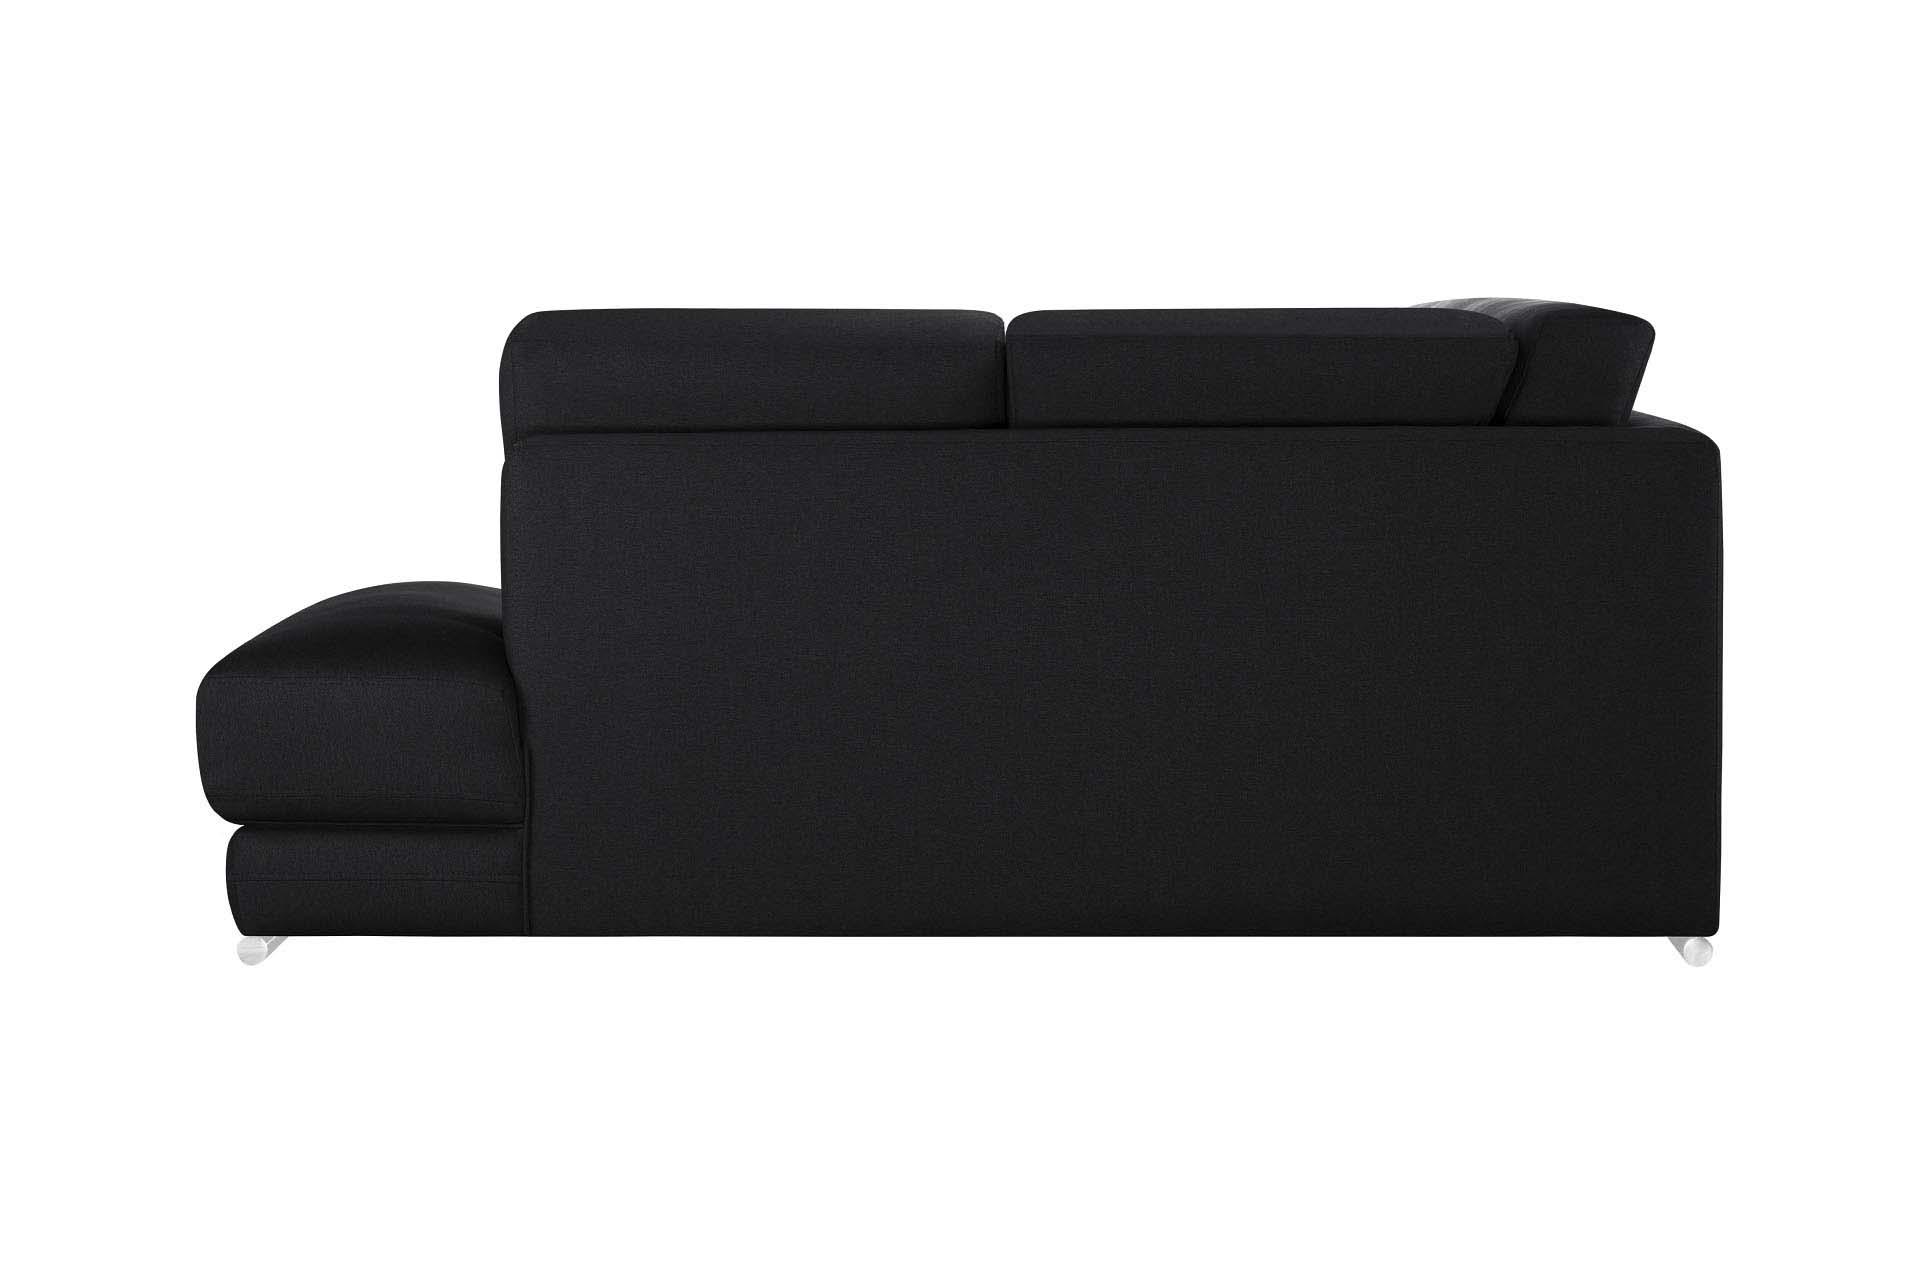 Canapé d'angle droit 5 places toucher lin noir